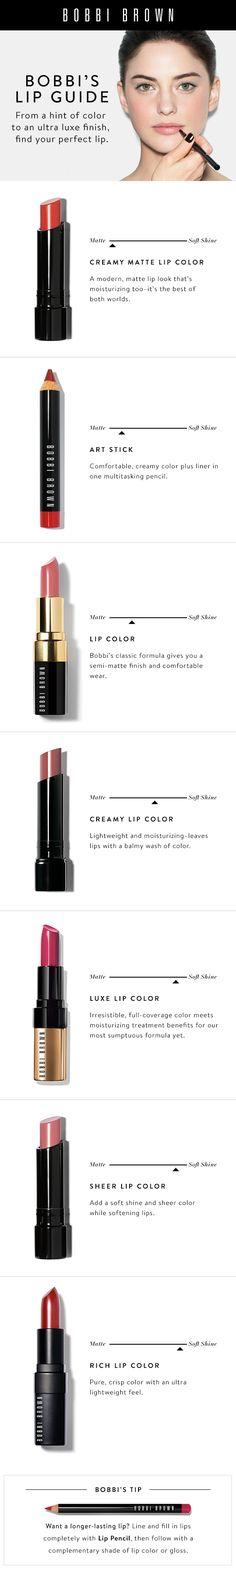 Pout Perfect. It's Bobbi's Lip Color Guide.